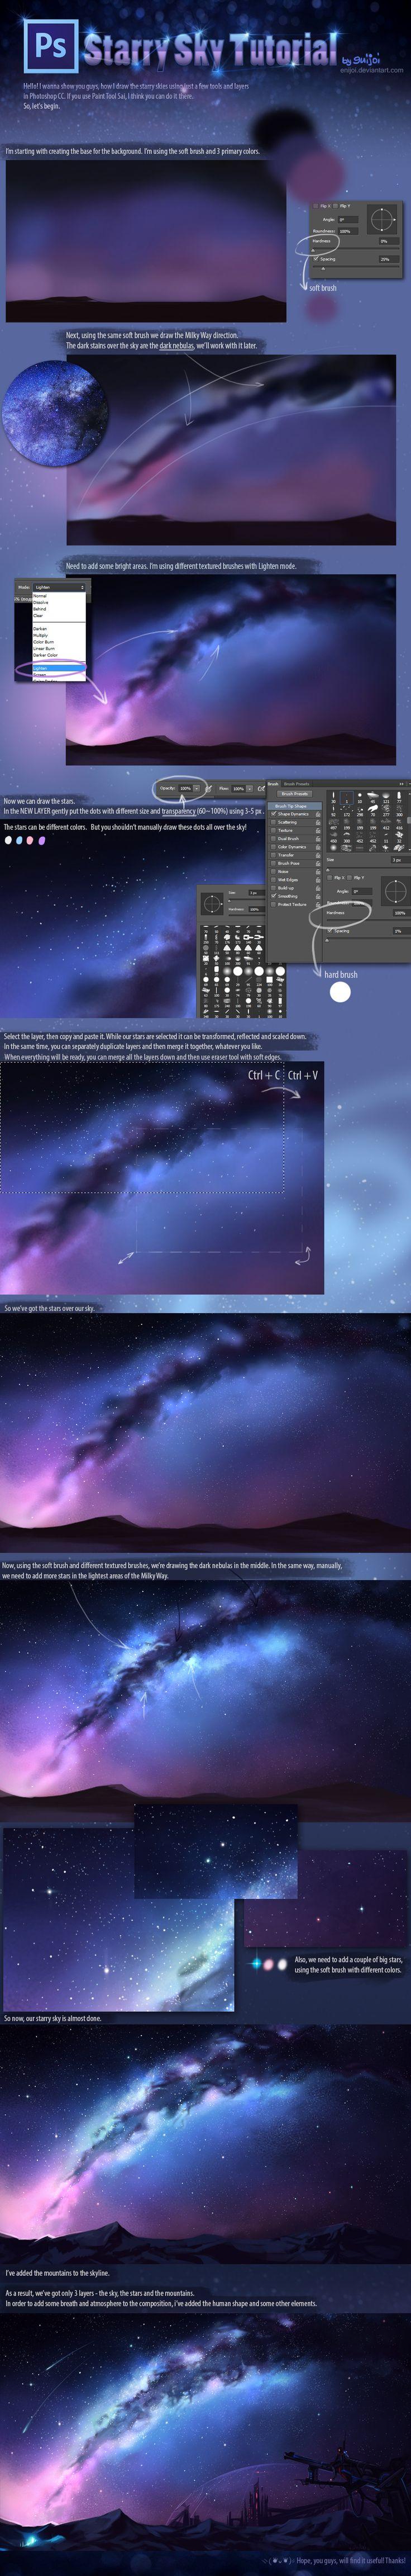 +Starry Sky Tutorial+ by Enijoi